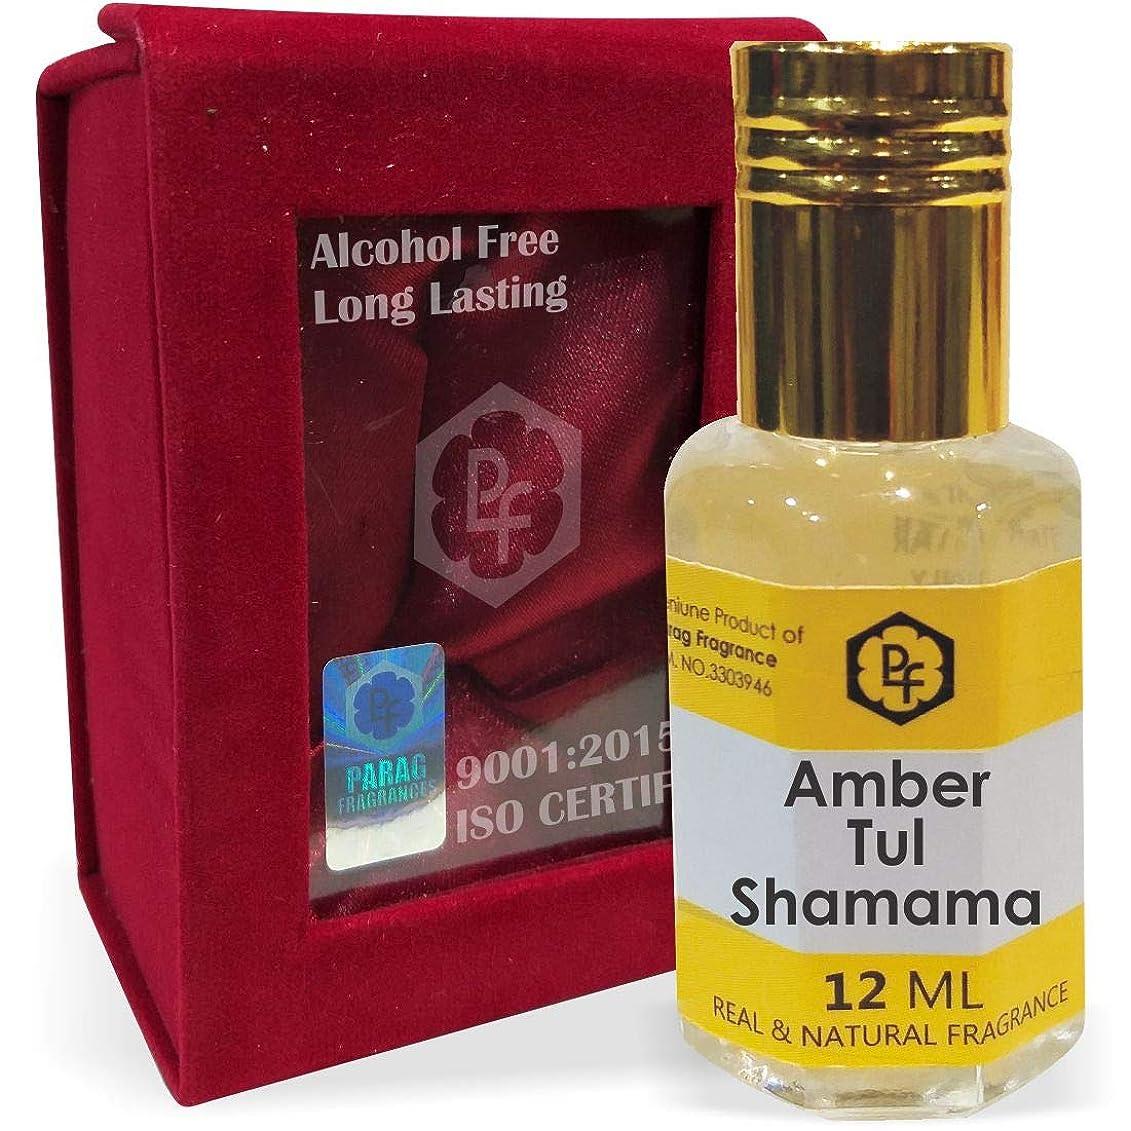 刑務所スリンクラック手作りのベルベットボックスParagフレグランス(インドの伝統的なインドのBhapkaプロセス方法で作られた)アンバーTUL Shamamaの12ミリリットルアター/香油/フレグランスオイル 長持ちアターITRA最高の品質